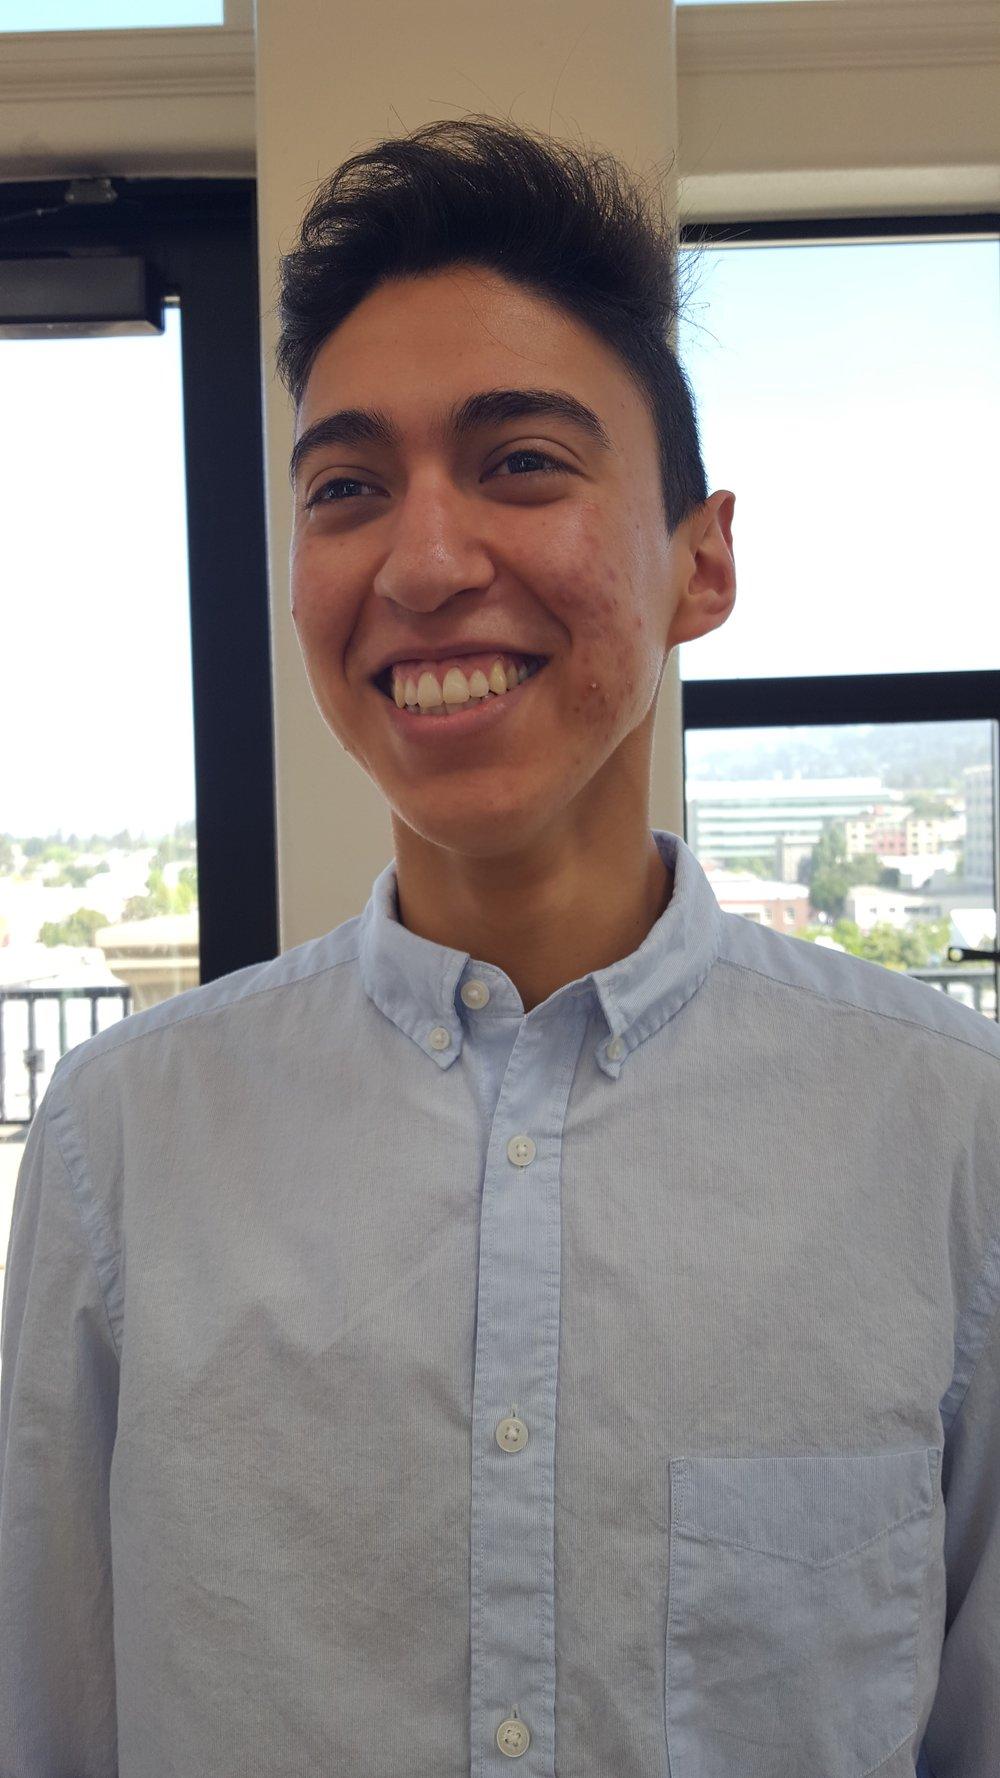 Jacob Ybarra